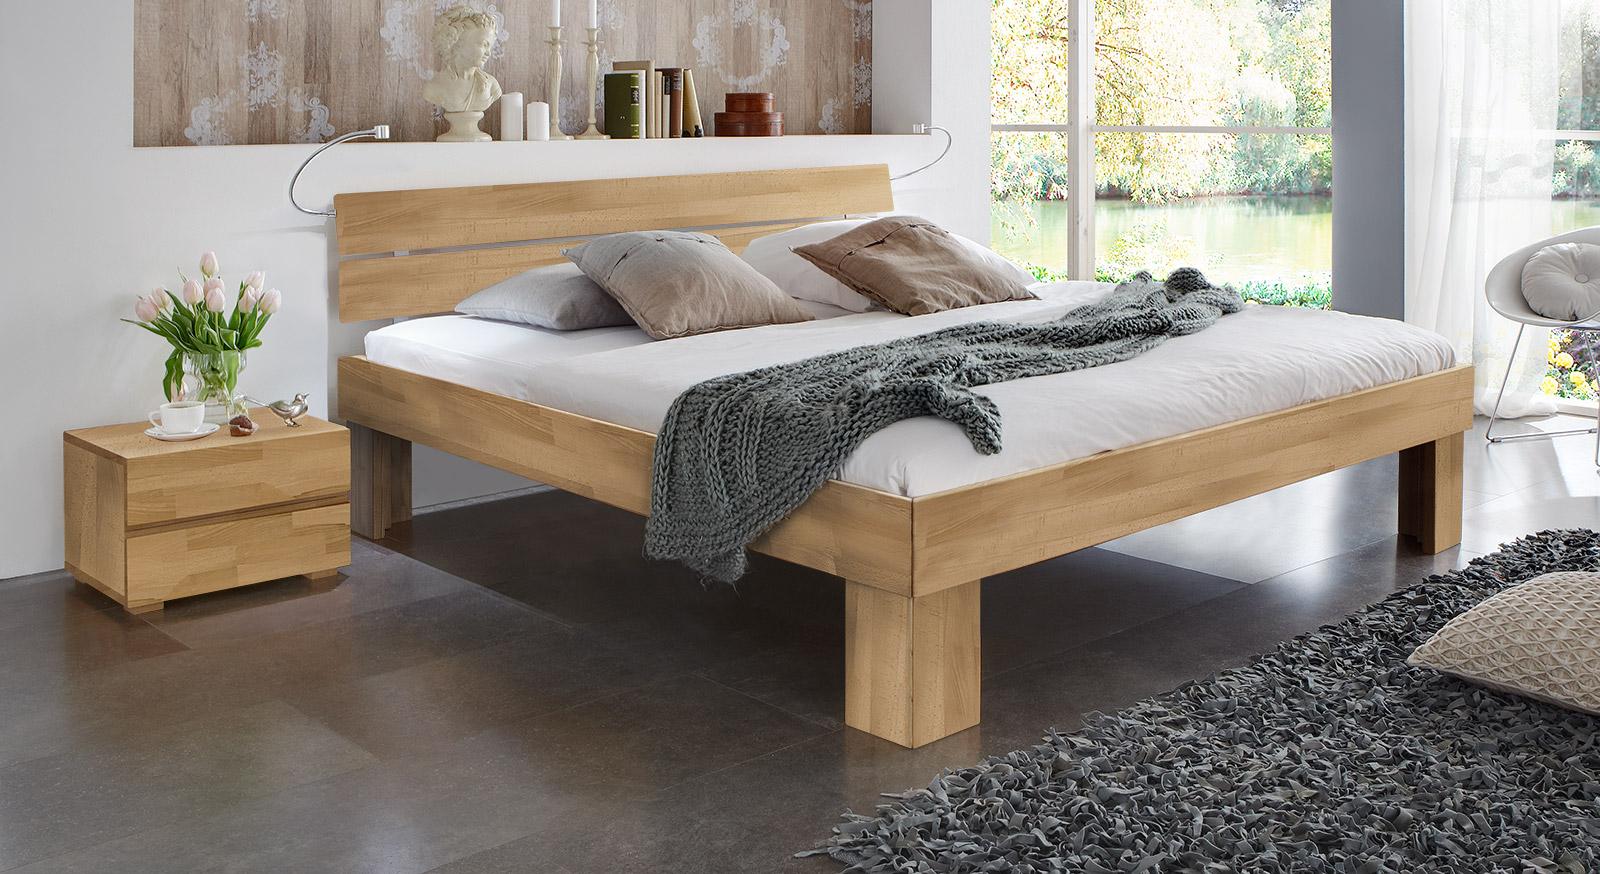 Bett Lucca Komfort in buche natur mit einer Fußhöhe von 30cm